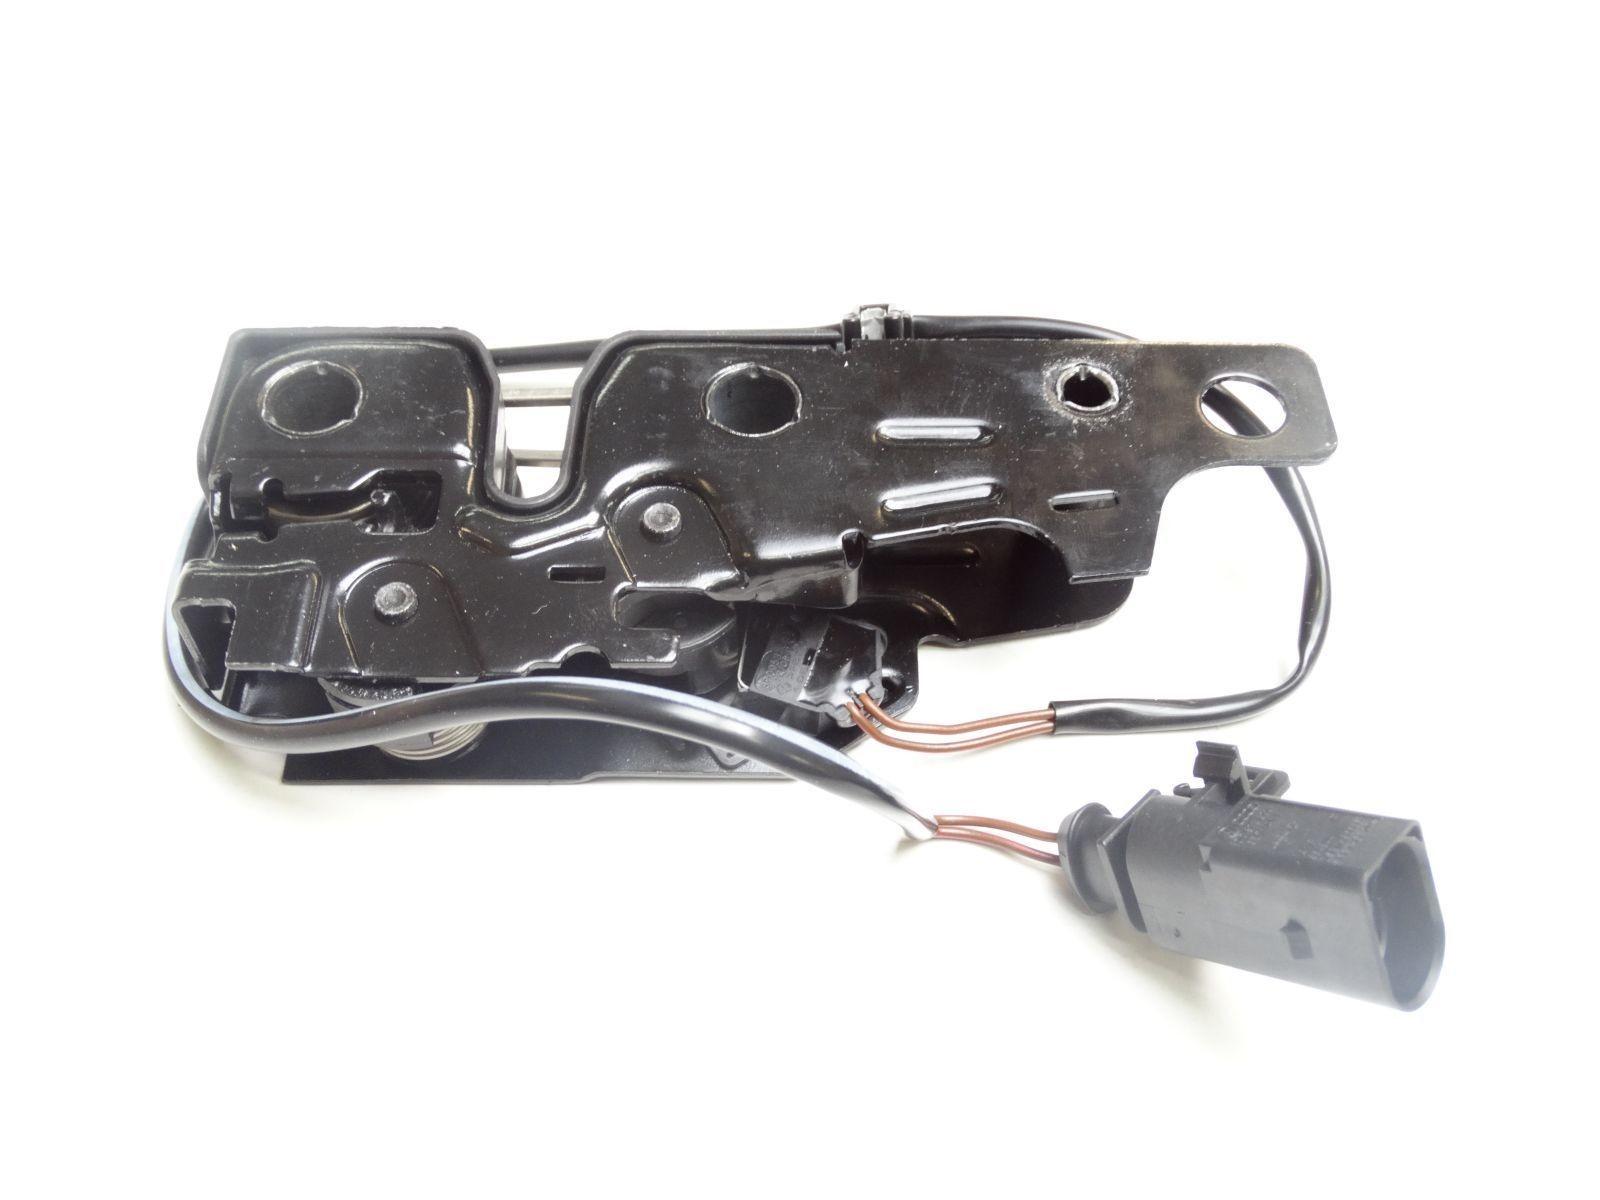 Serratura per cofano con microinterruttore Audi 8E0823509D per Audi A4 S4 RS4